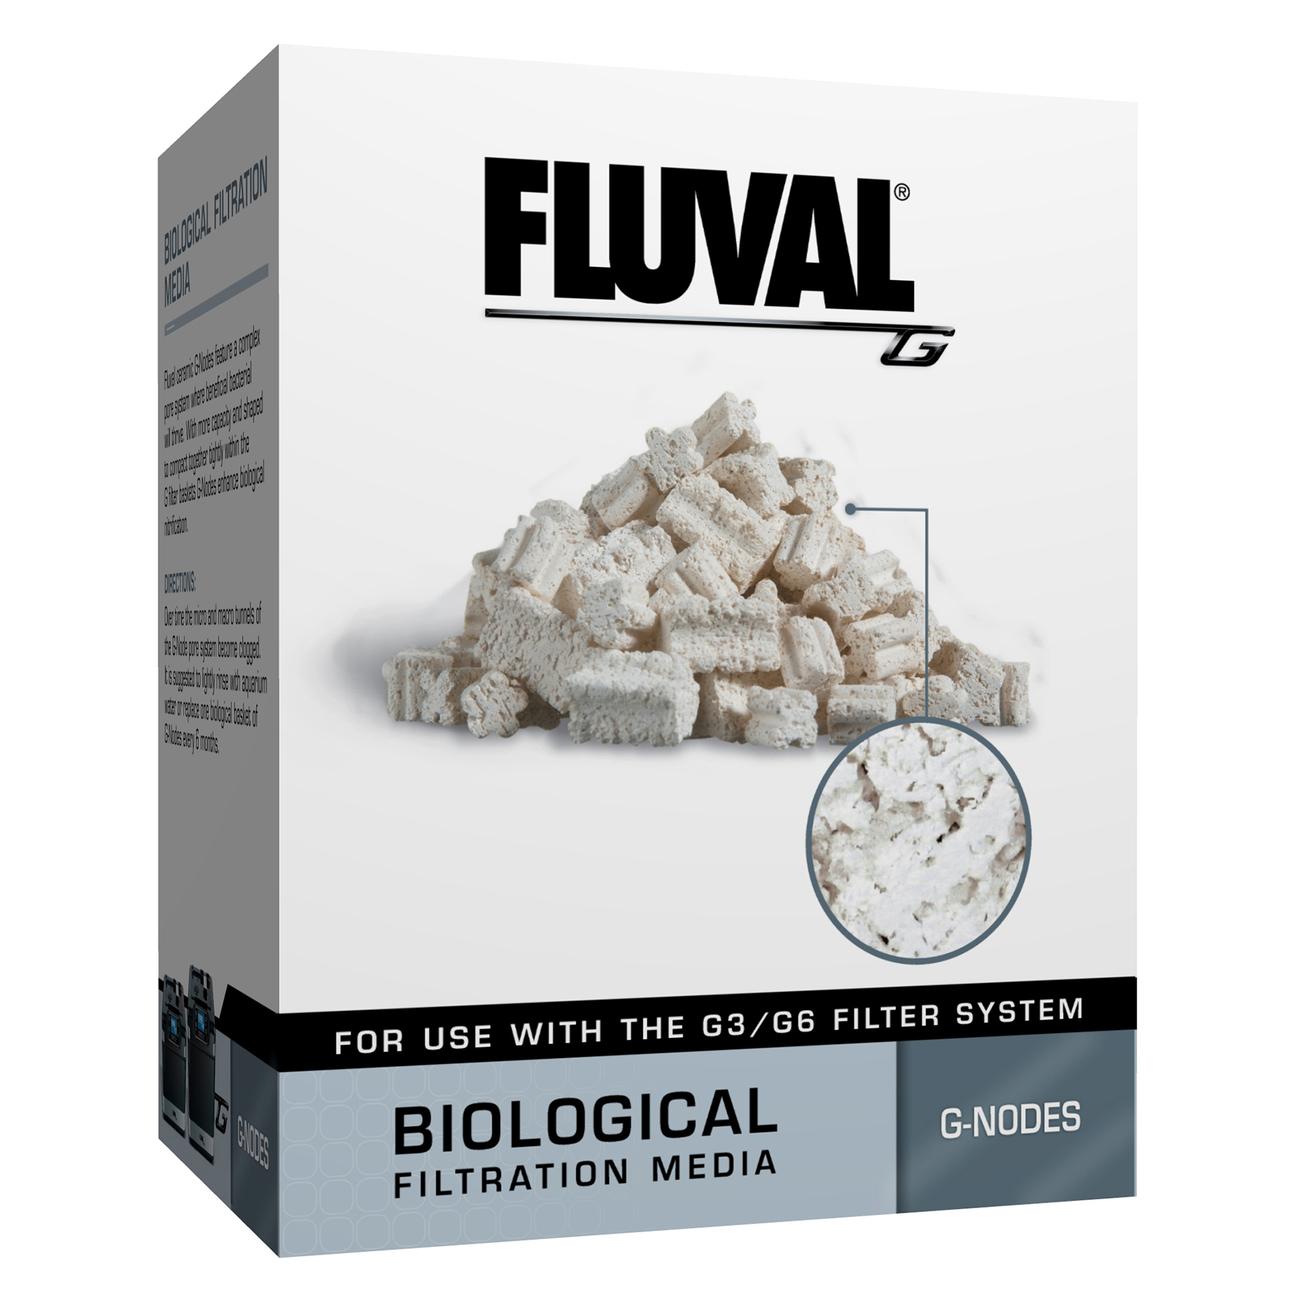 Hagen Fluval Filtermedien für G-Serien, G Knoten - Biologisches Filtermedium (13 x 8 x 18 cm)